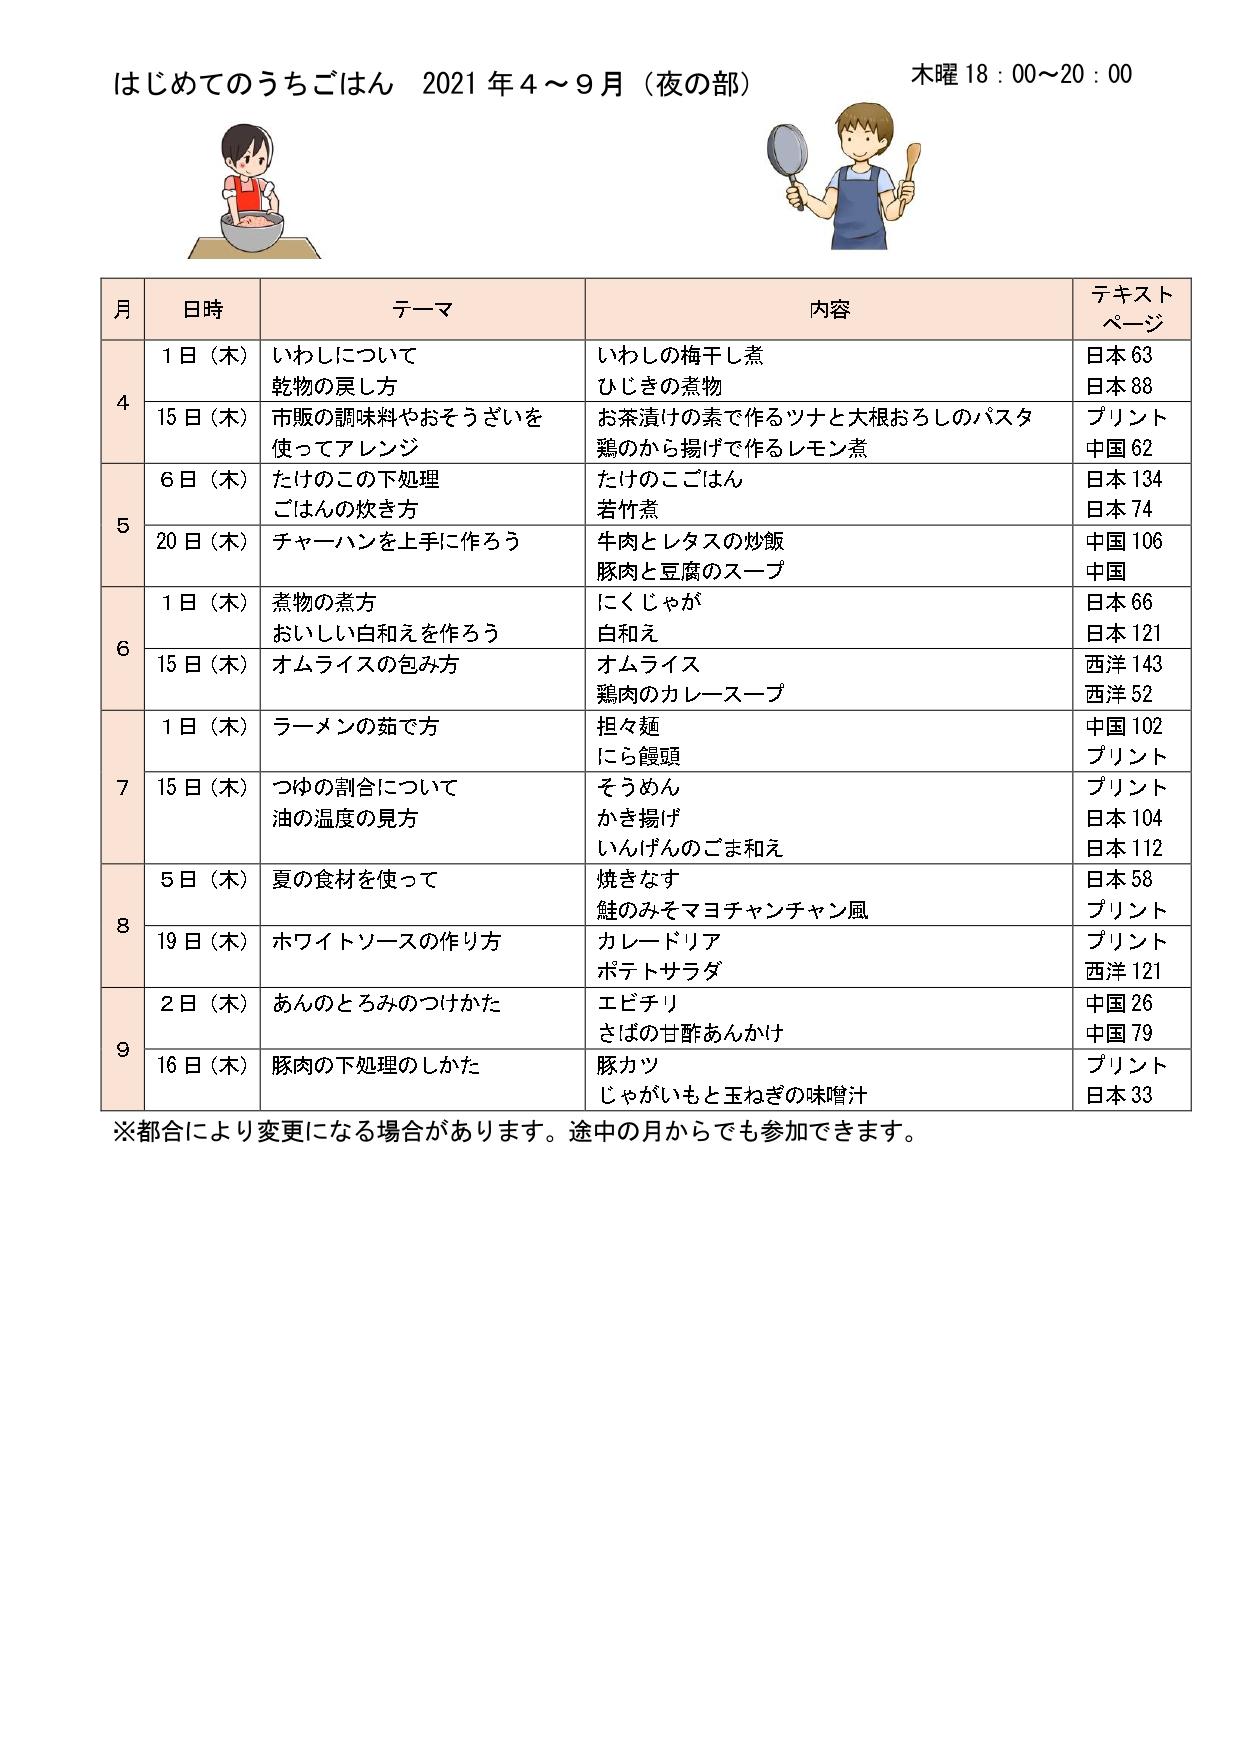 はじめてのうちごはん2021.4-9夜doc_page-0001 (1)